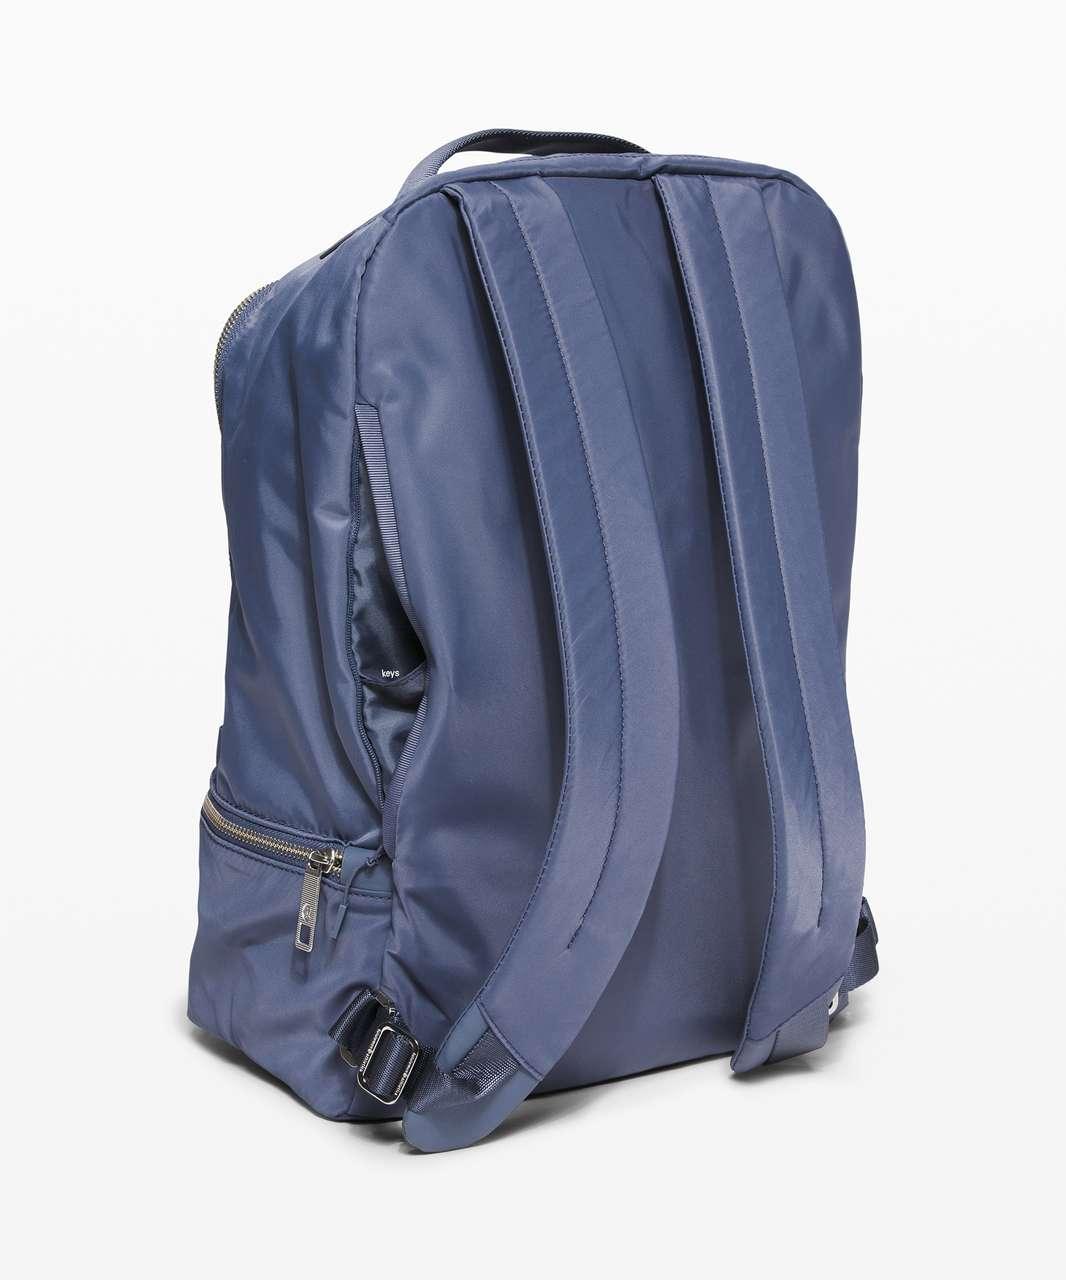 Lululemon City Adventurer Backpack *17L - Ink Blue